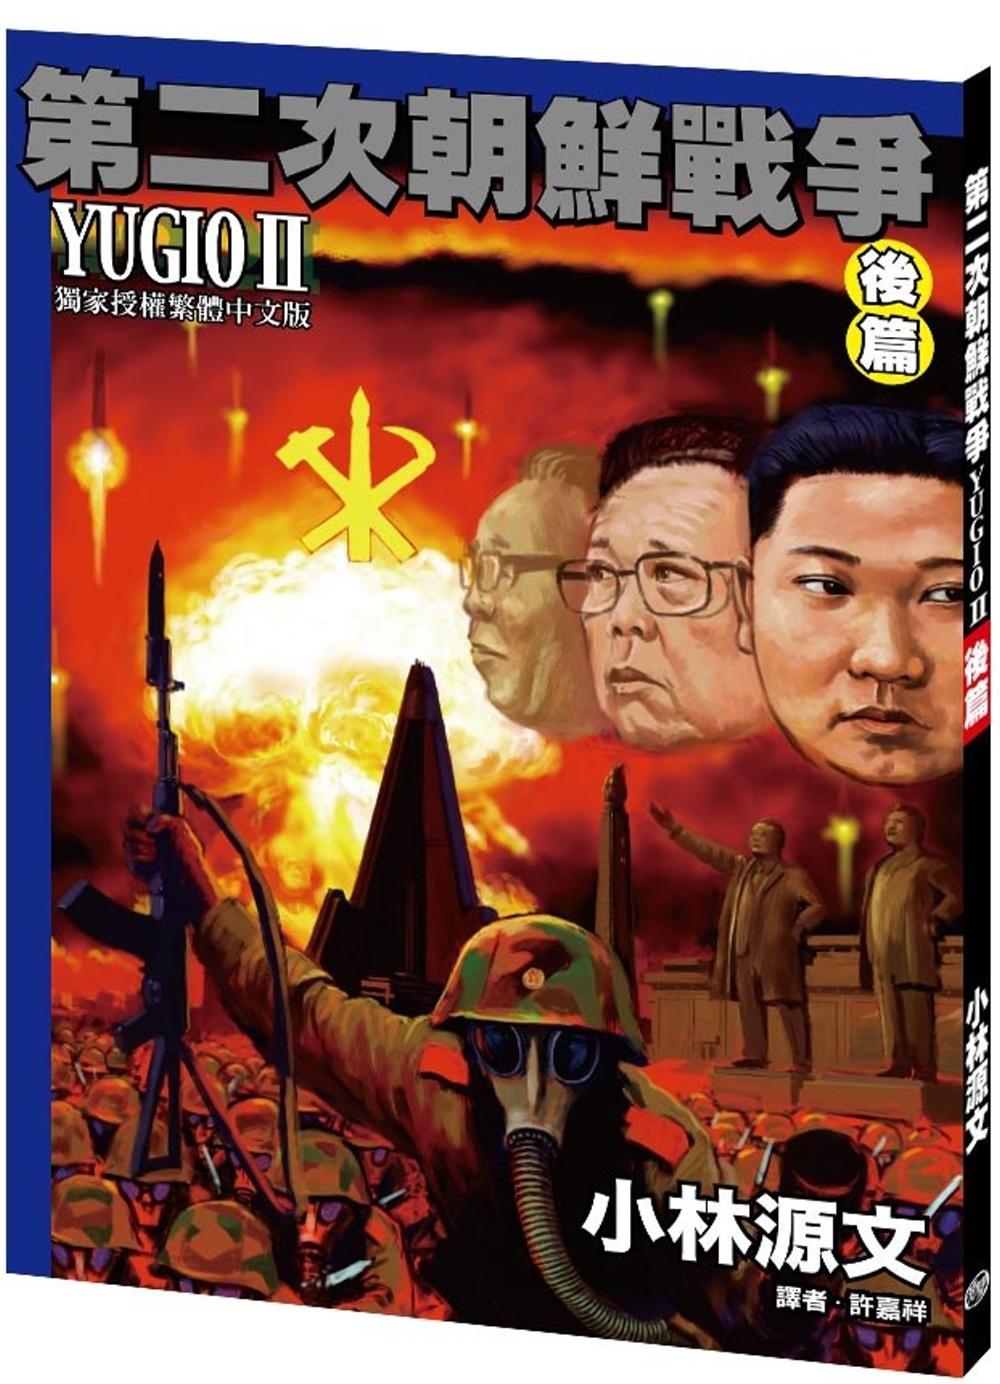 第二次朝鮮戰爭 YUGIO II 後篇[A4大開本]